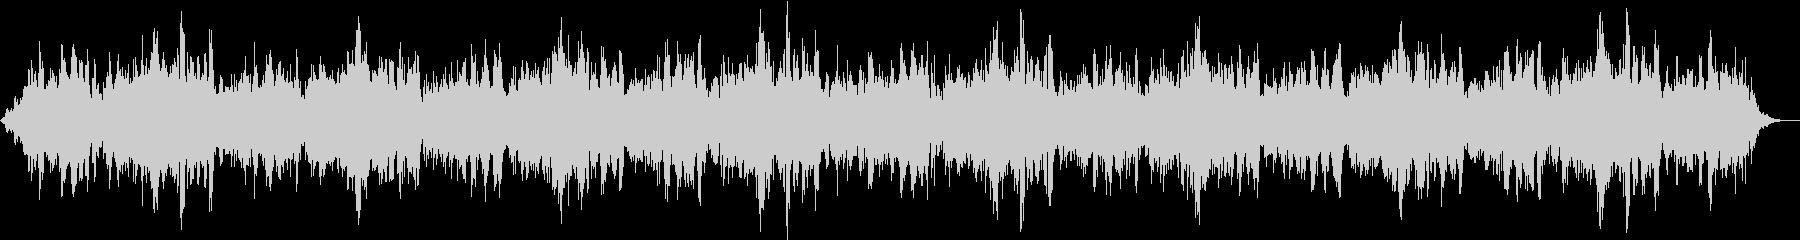 魔法詠唱、魔法発動、独白 06の未再生の波形